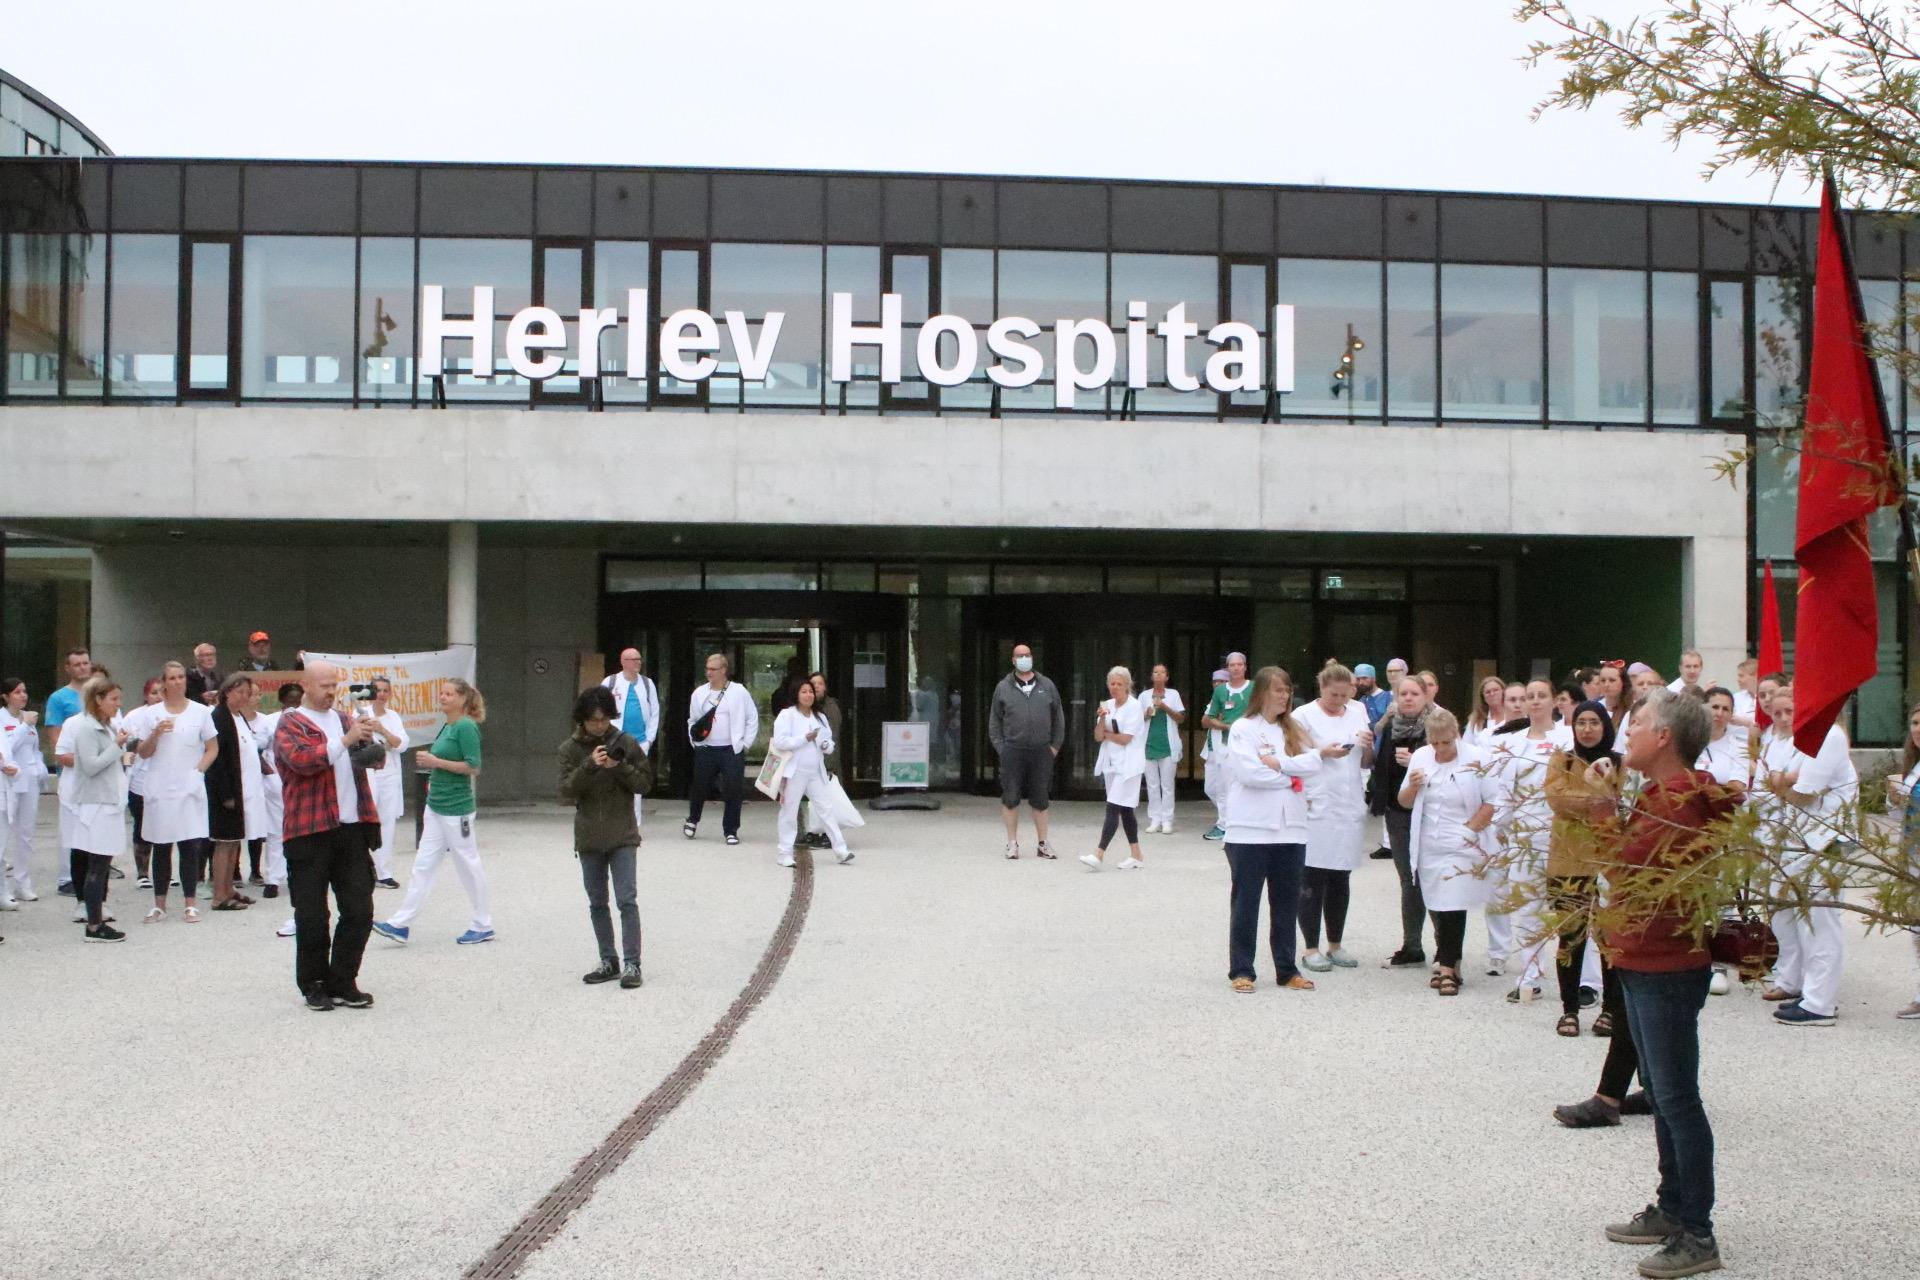 Strejke på Herlev sygehus - får støtte af udefrakommende